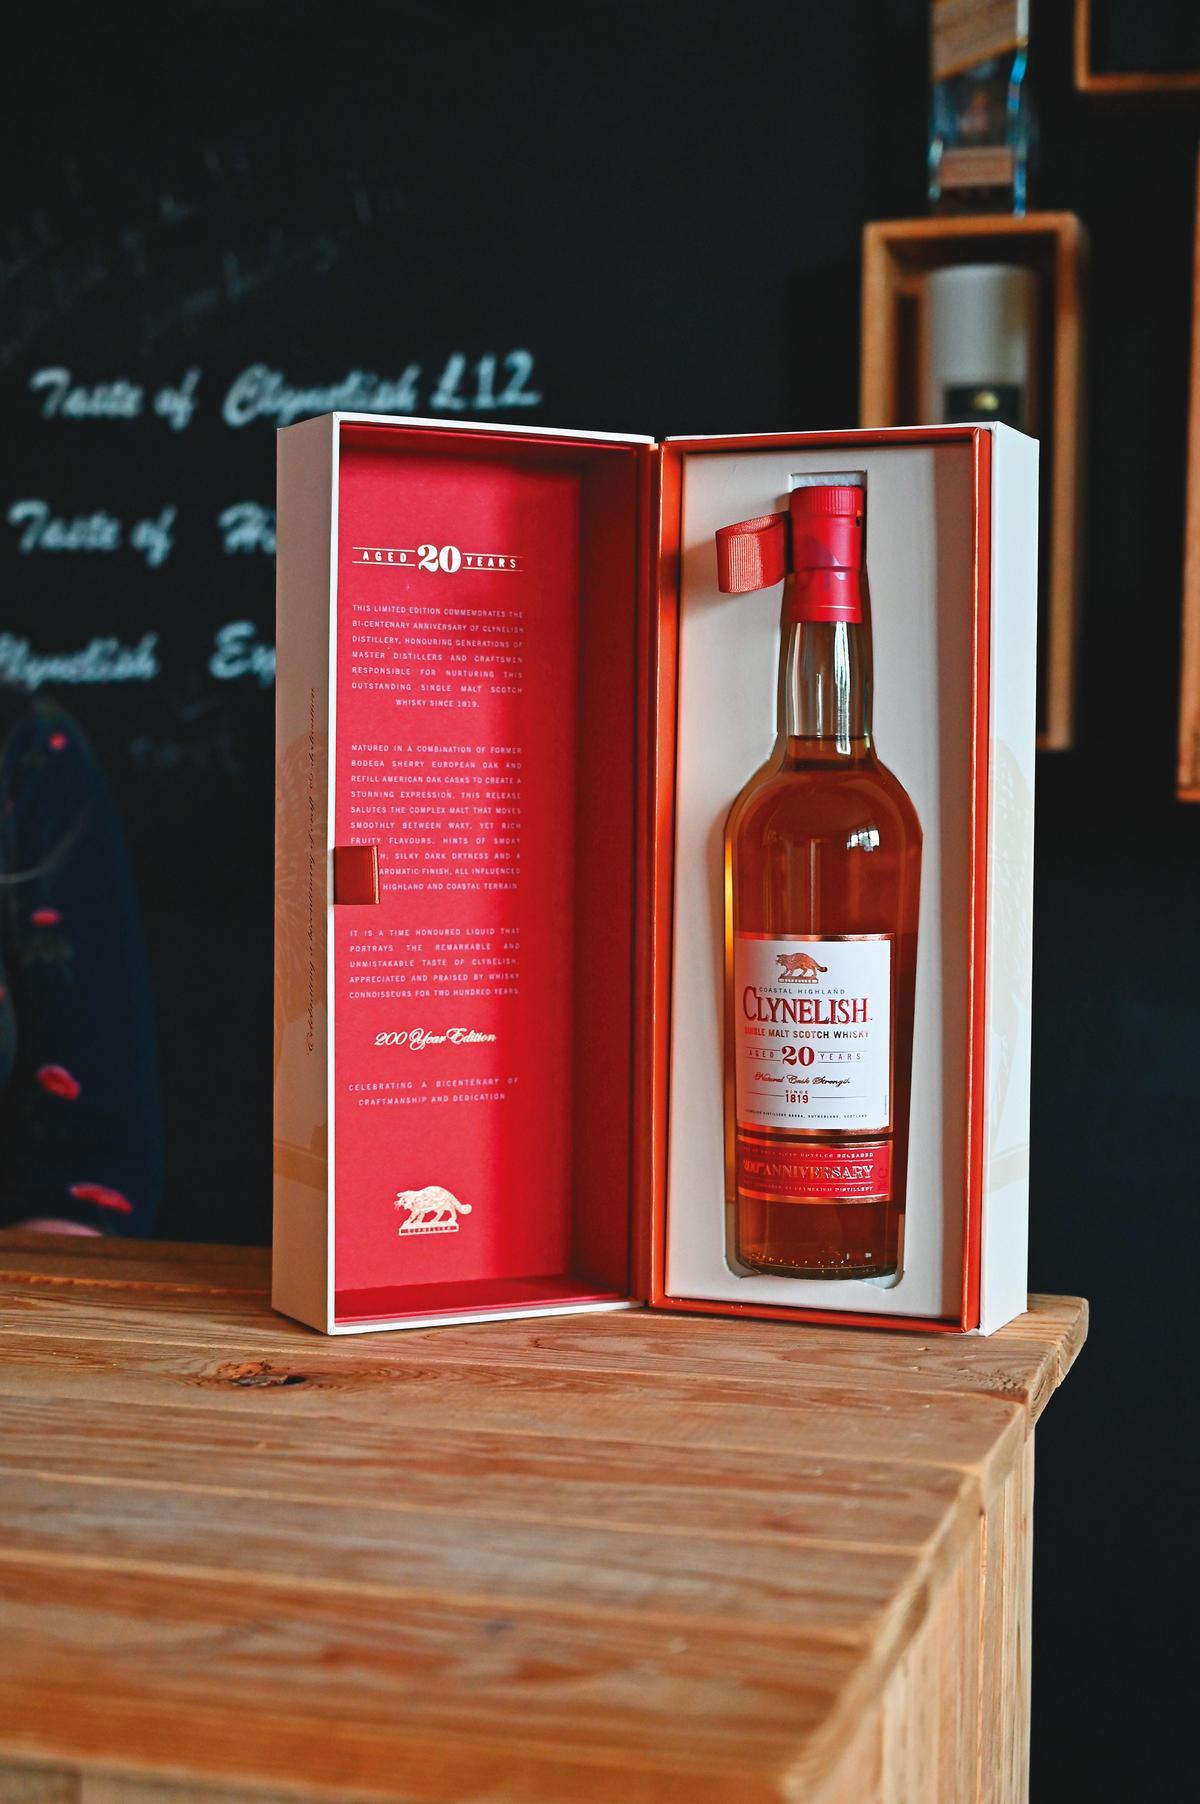 酒廠建廠200週年推出的克里尼許20週年紀念酒,可惜看得到喝不到。